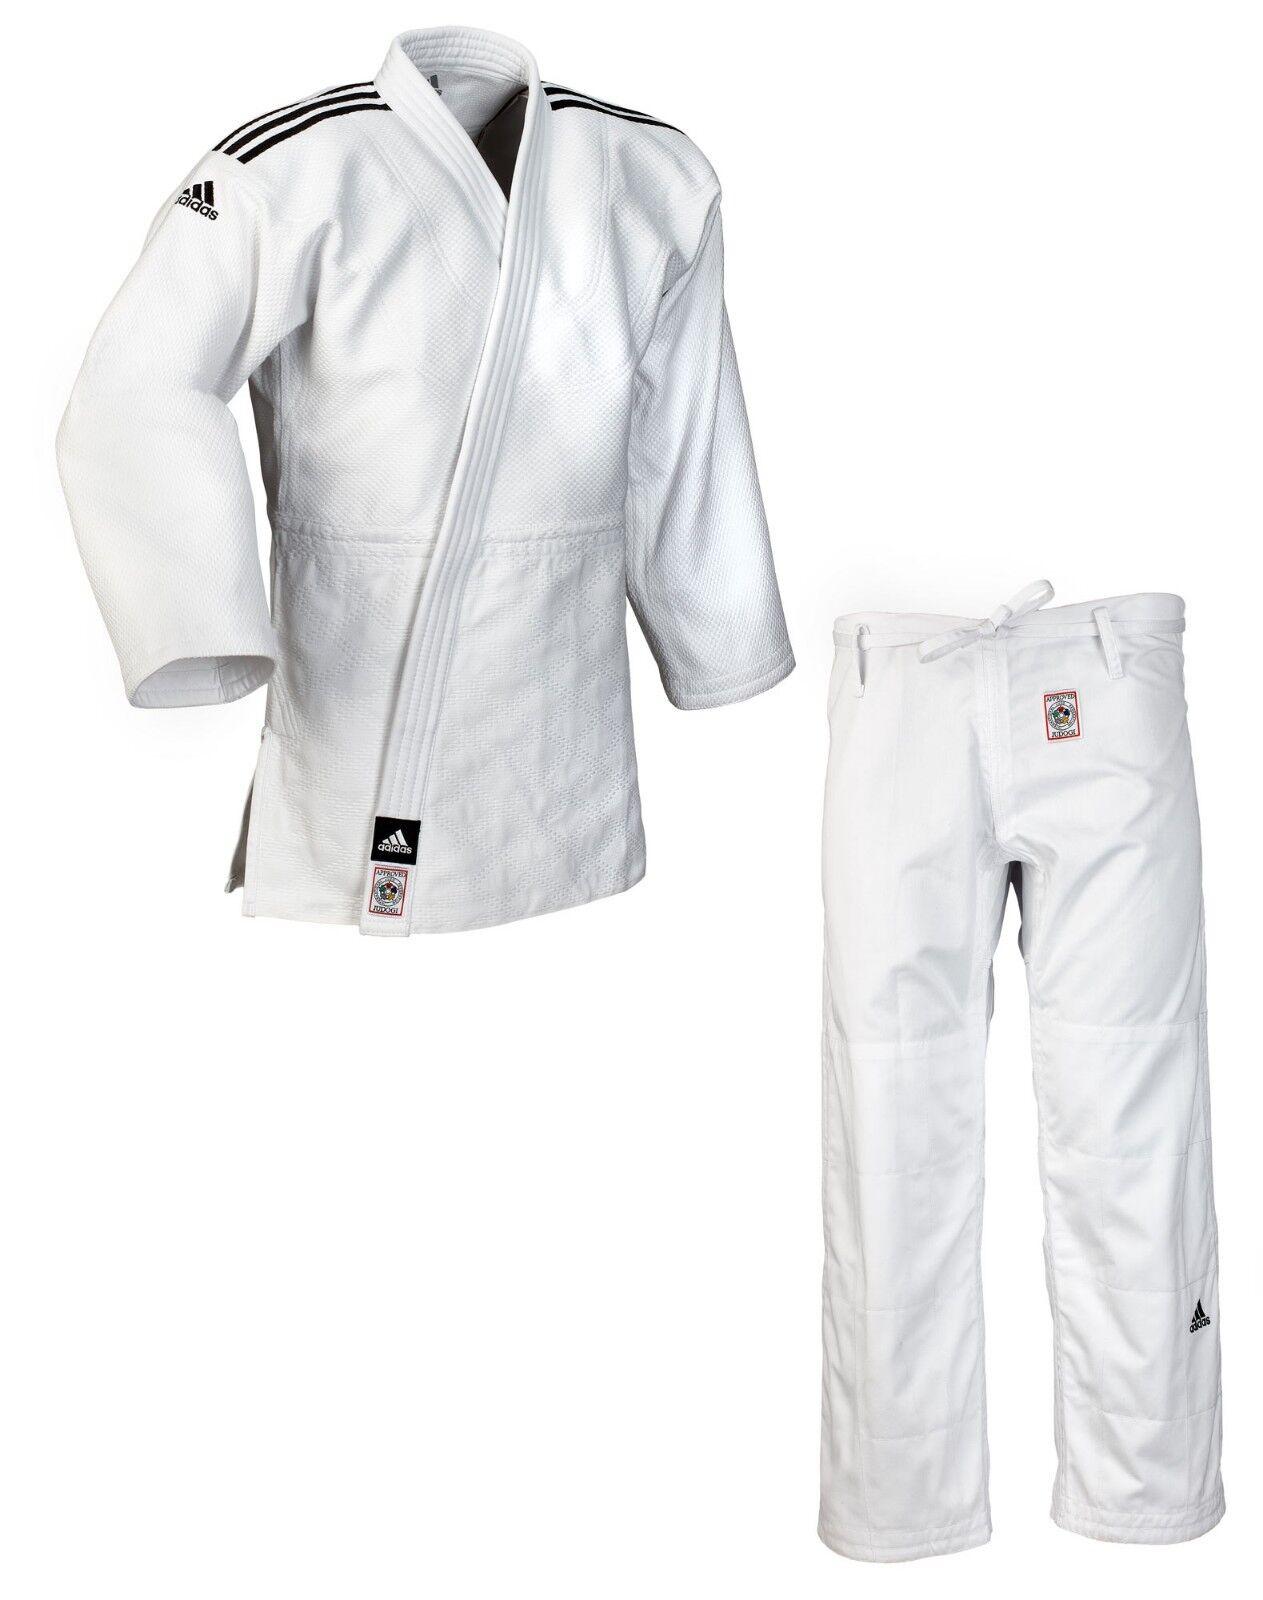 Adidas Judoanzug  CHAMPION II  IJF weiß schwarze Streifen JIJF - Judo-Anzug